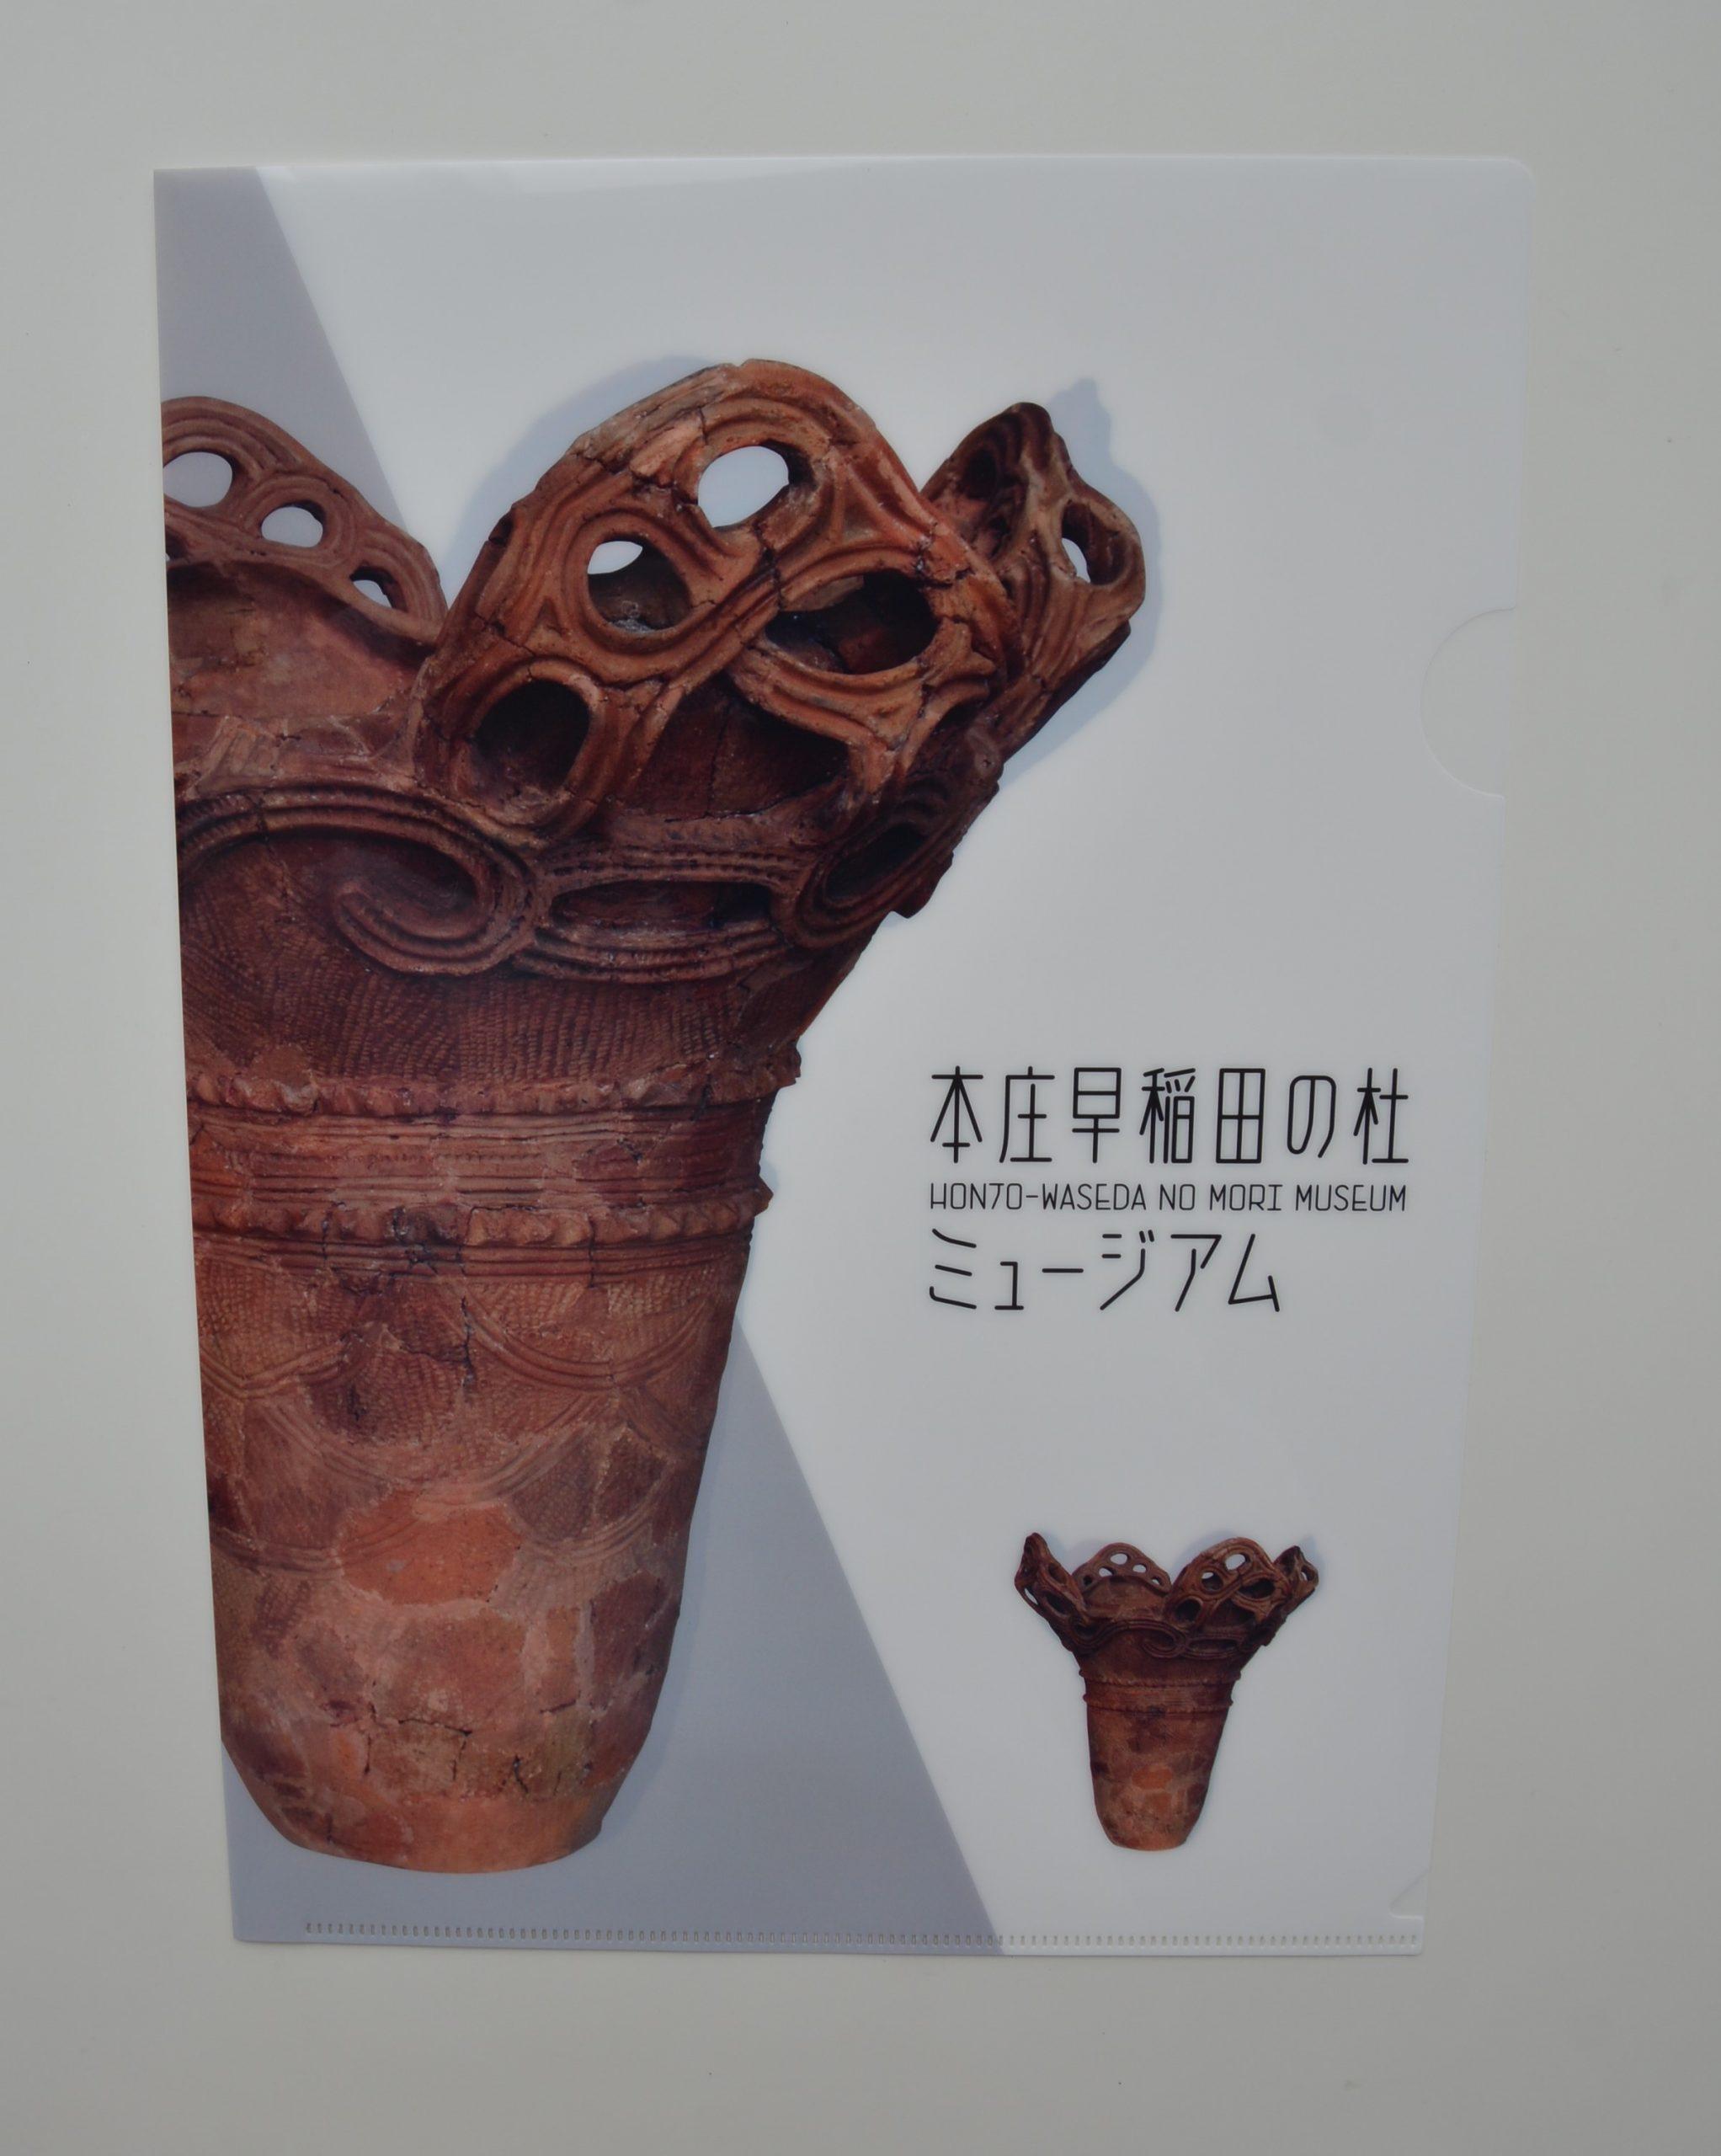 A4クリアファイル 縄文土器